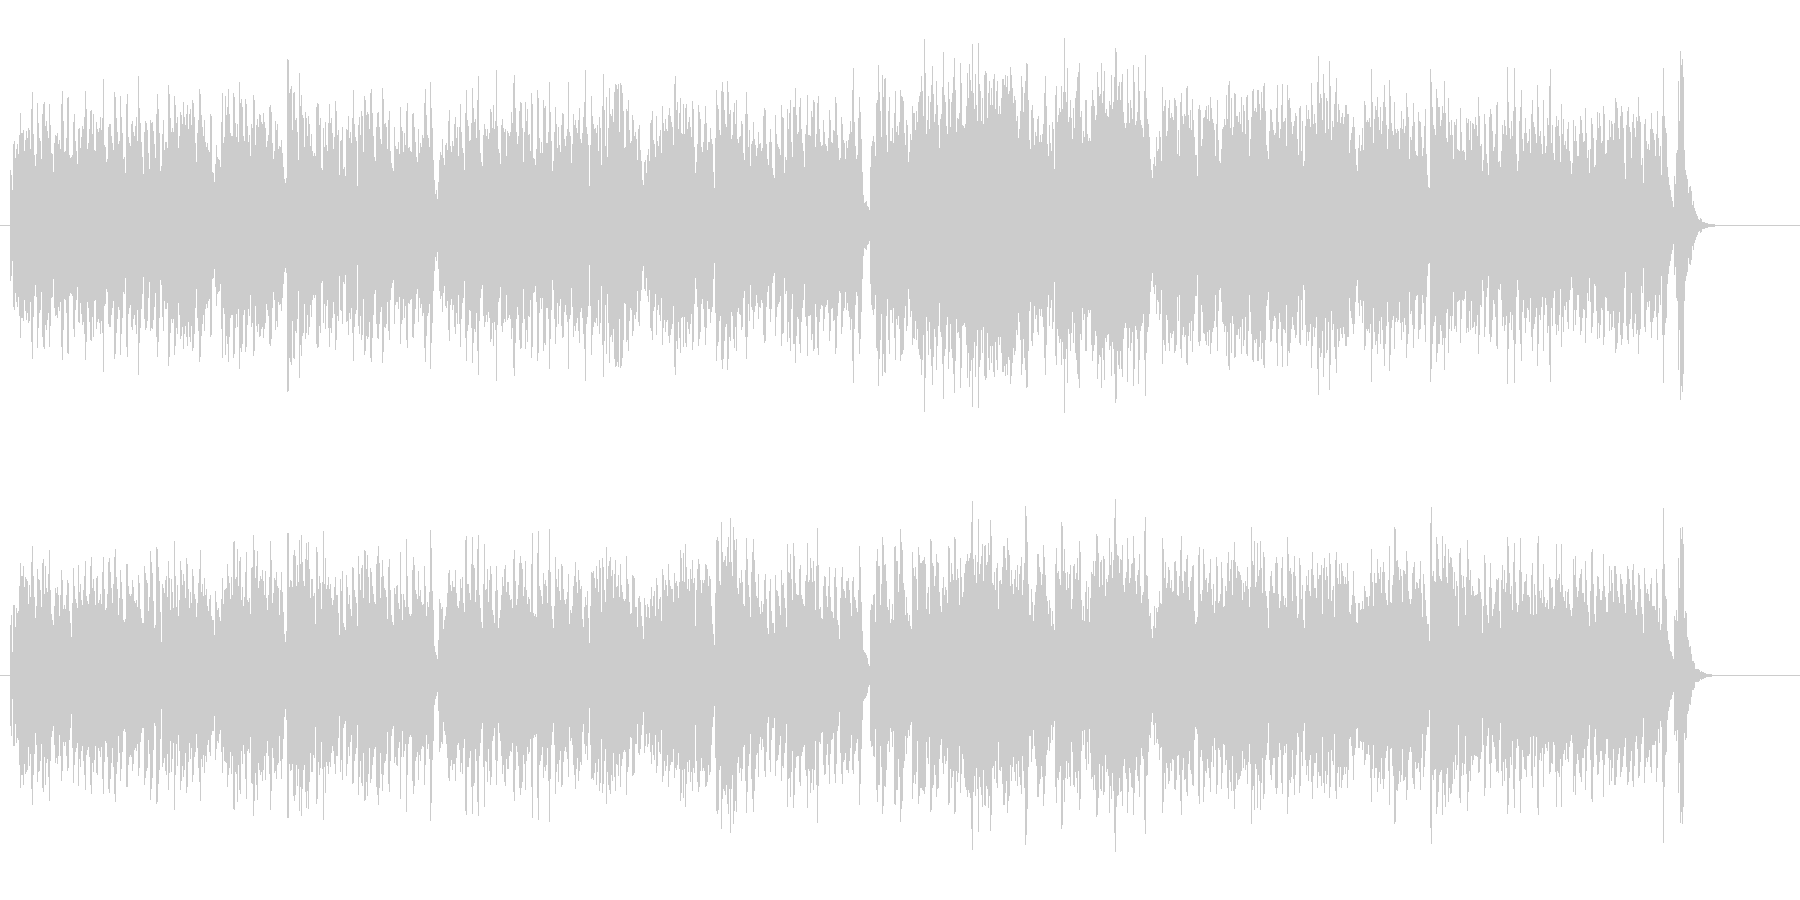 クラシカル・ポップ調のキャッチーなBGMの未再生の波形